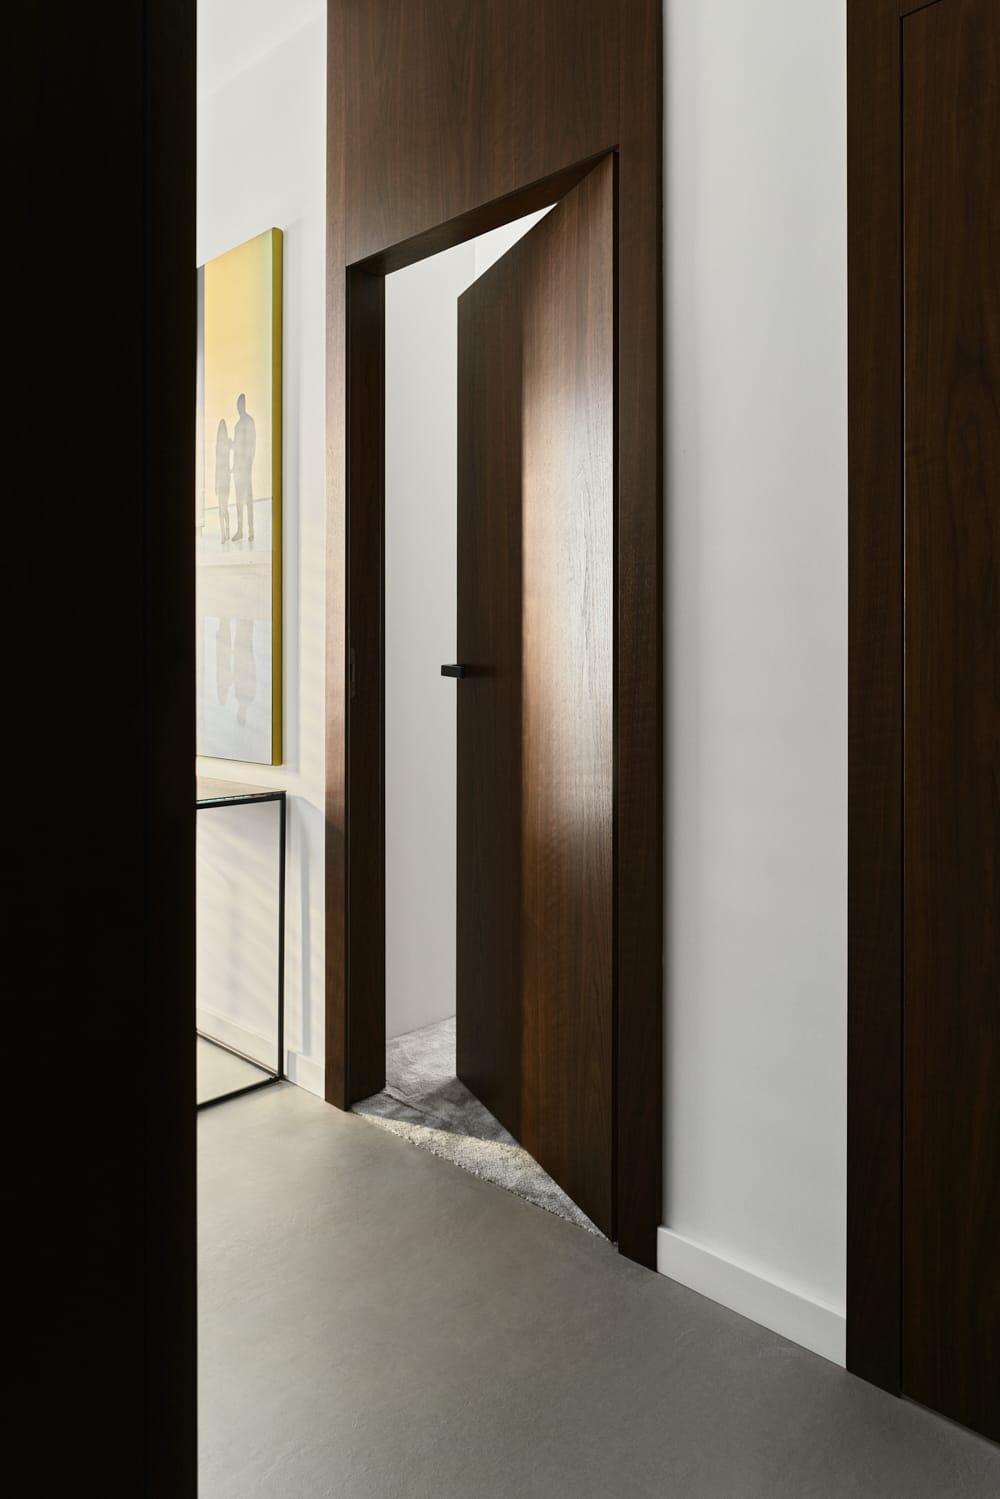 yarmush-interiors-pia-201120104535-14267